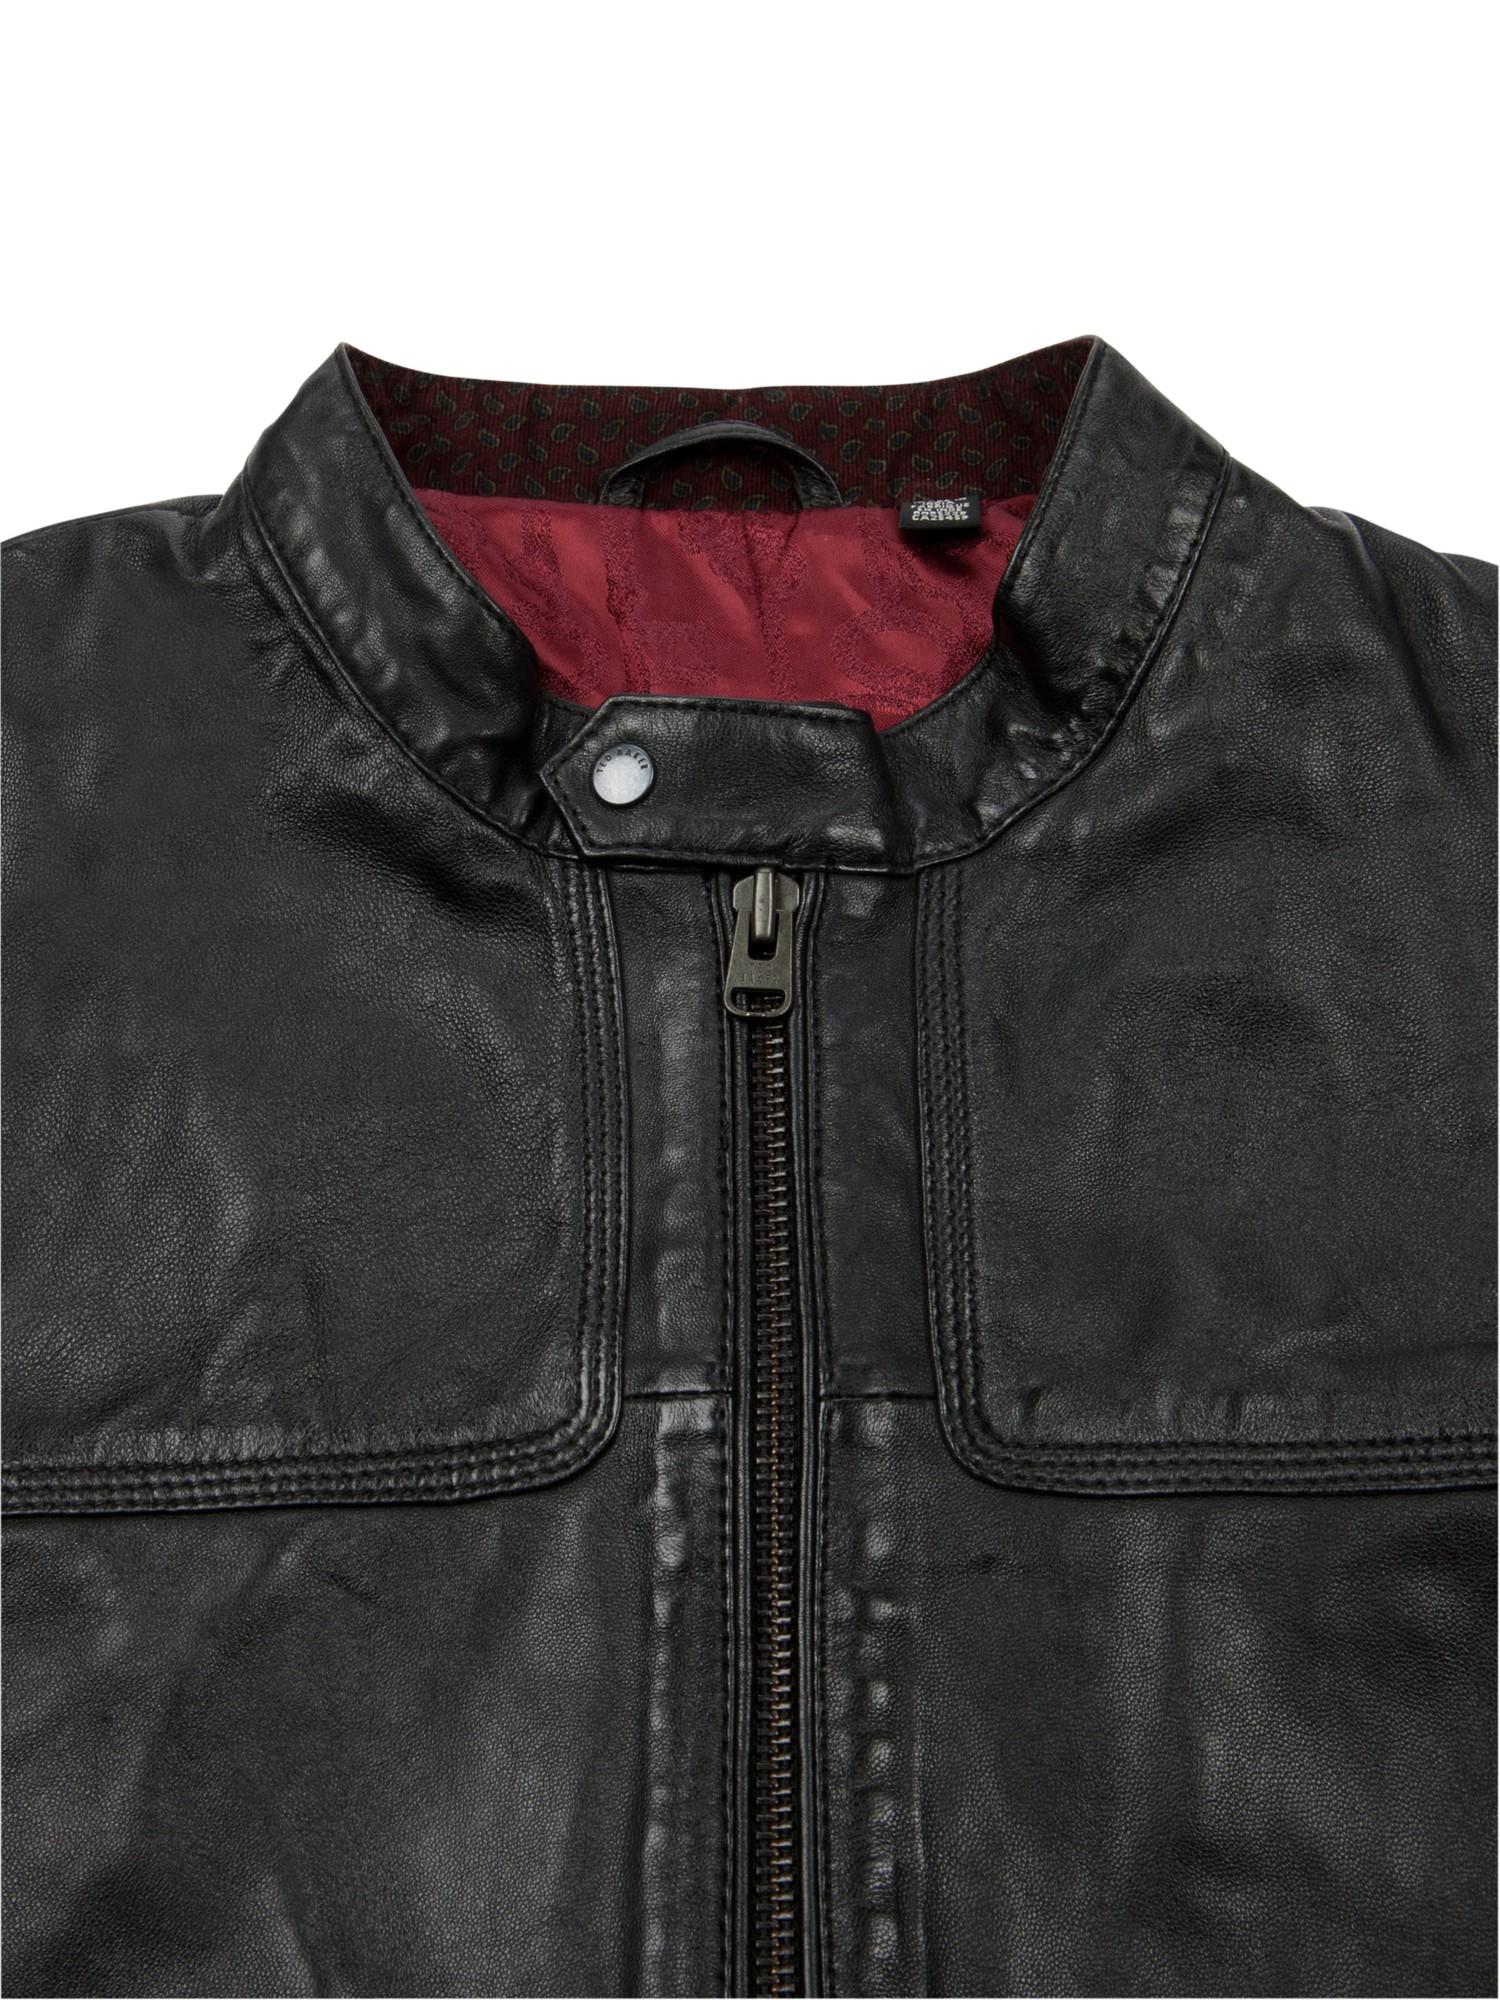 Ted Baker Birgin Leather Jacket in Black for Men